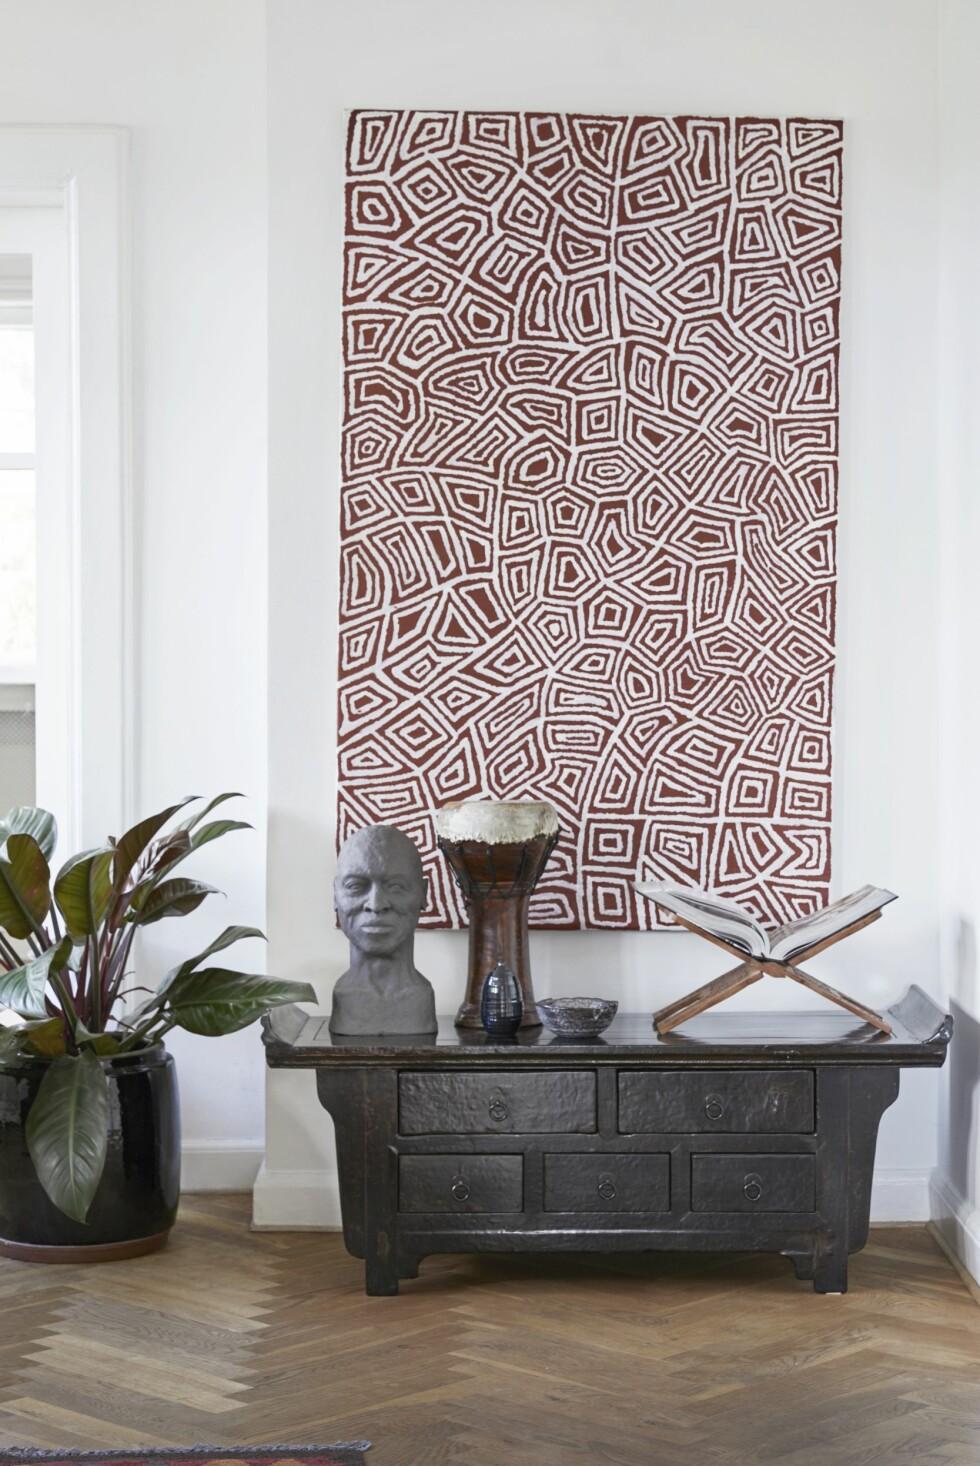 Den gamle kinesiske kommoden er fra Green Square, bokstøtten er kjøpt i Paris, og trommen er fra Marrakech. Bysten, vasen og skålen har Trine selv laget. Maleriet er australsk aboriginsk kunst. Sjekk aboriginalpaintings.dk for lignende.